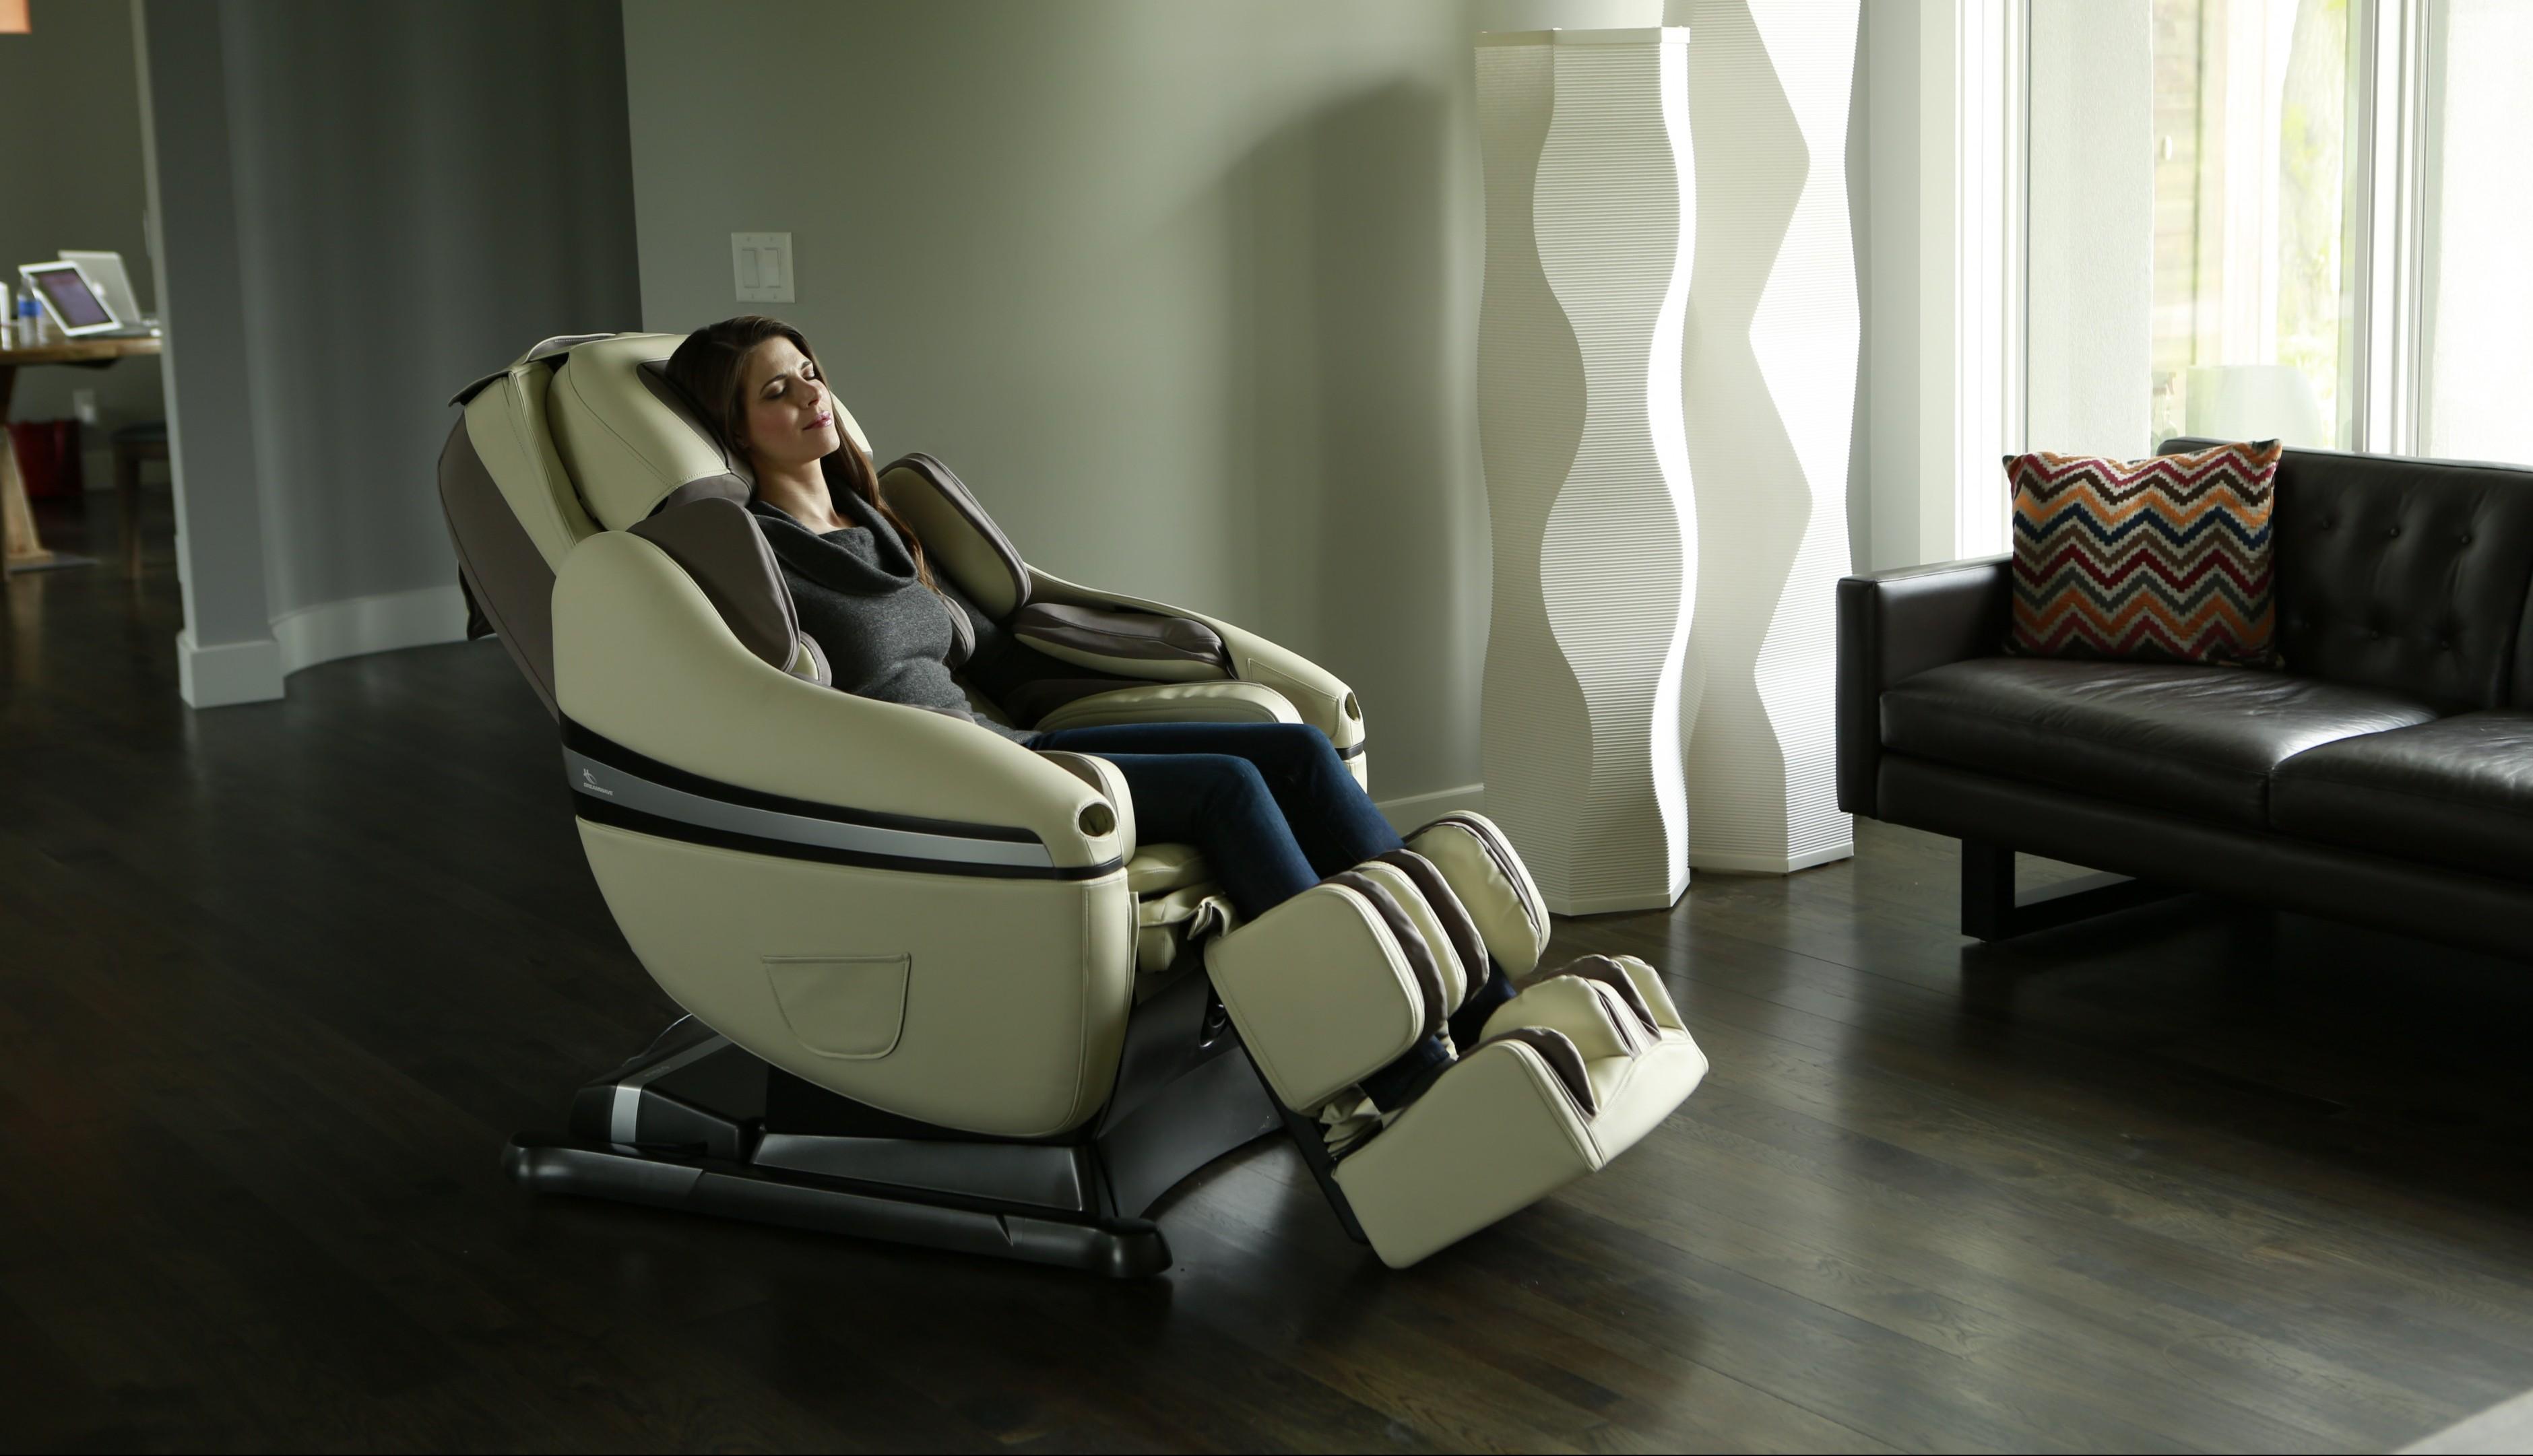 Массажное кресло дома - прекрасное средство для восстановления душевного равновесия